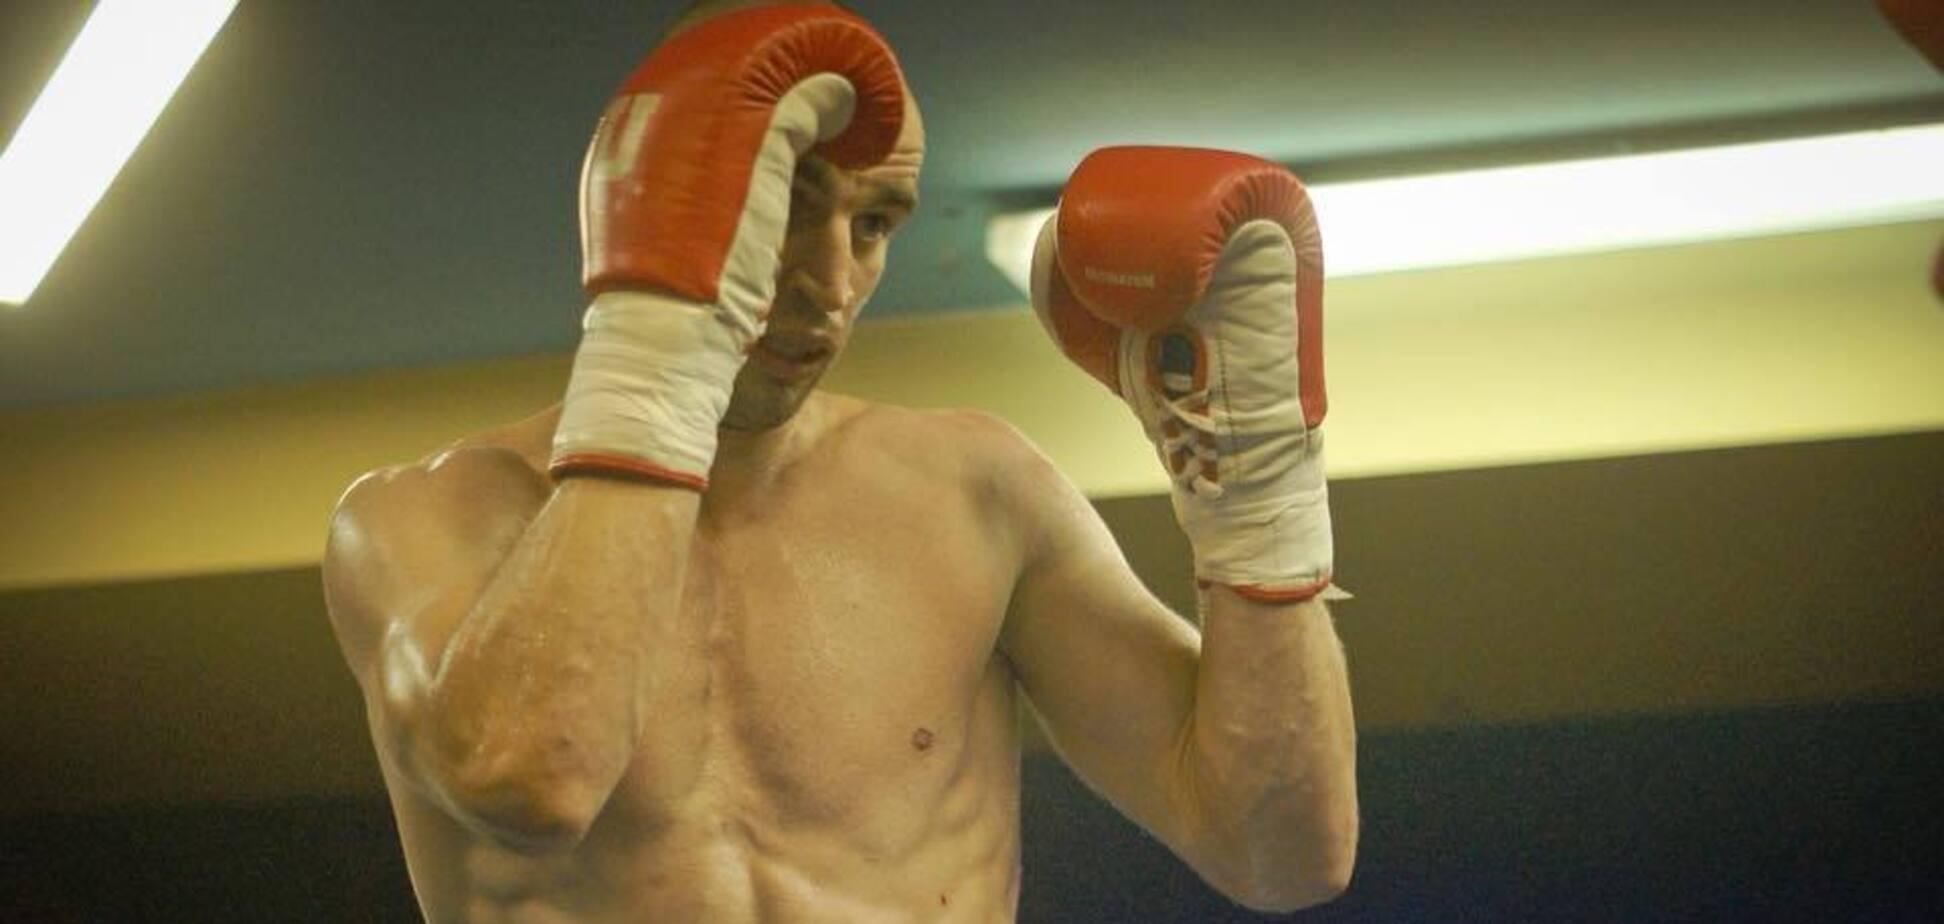 8 выстрелов в спину: стали известны подробности убийства непобедимого российского боксера